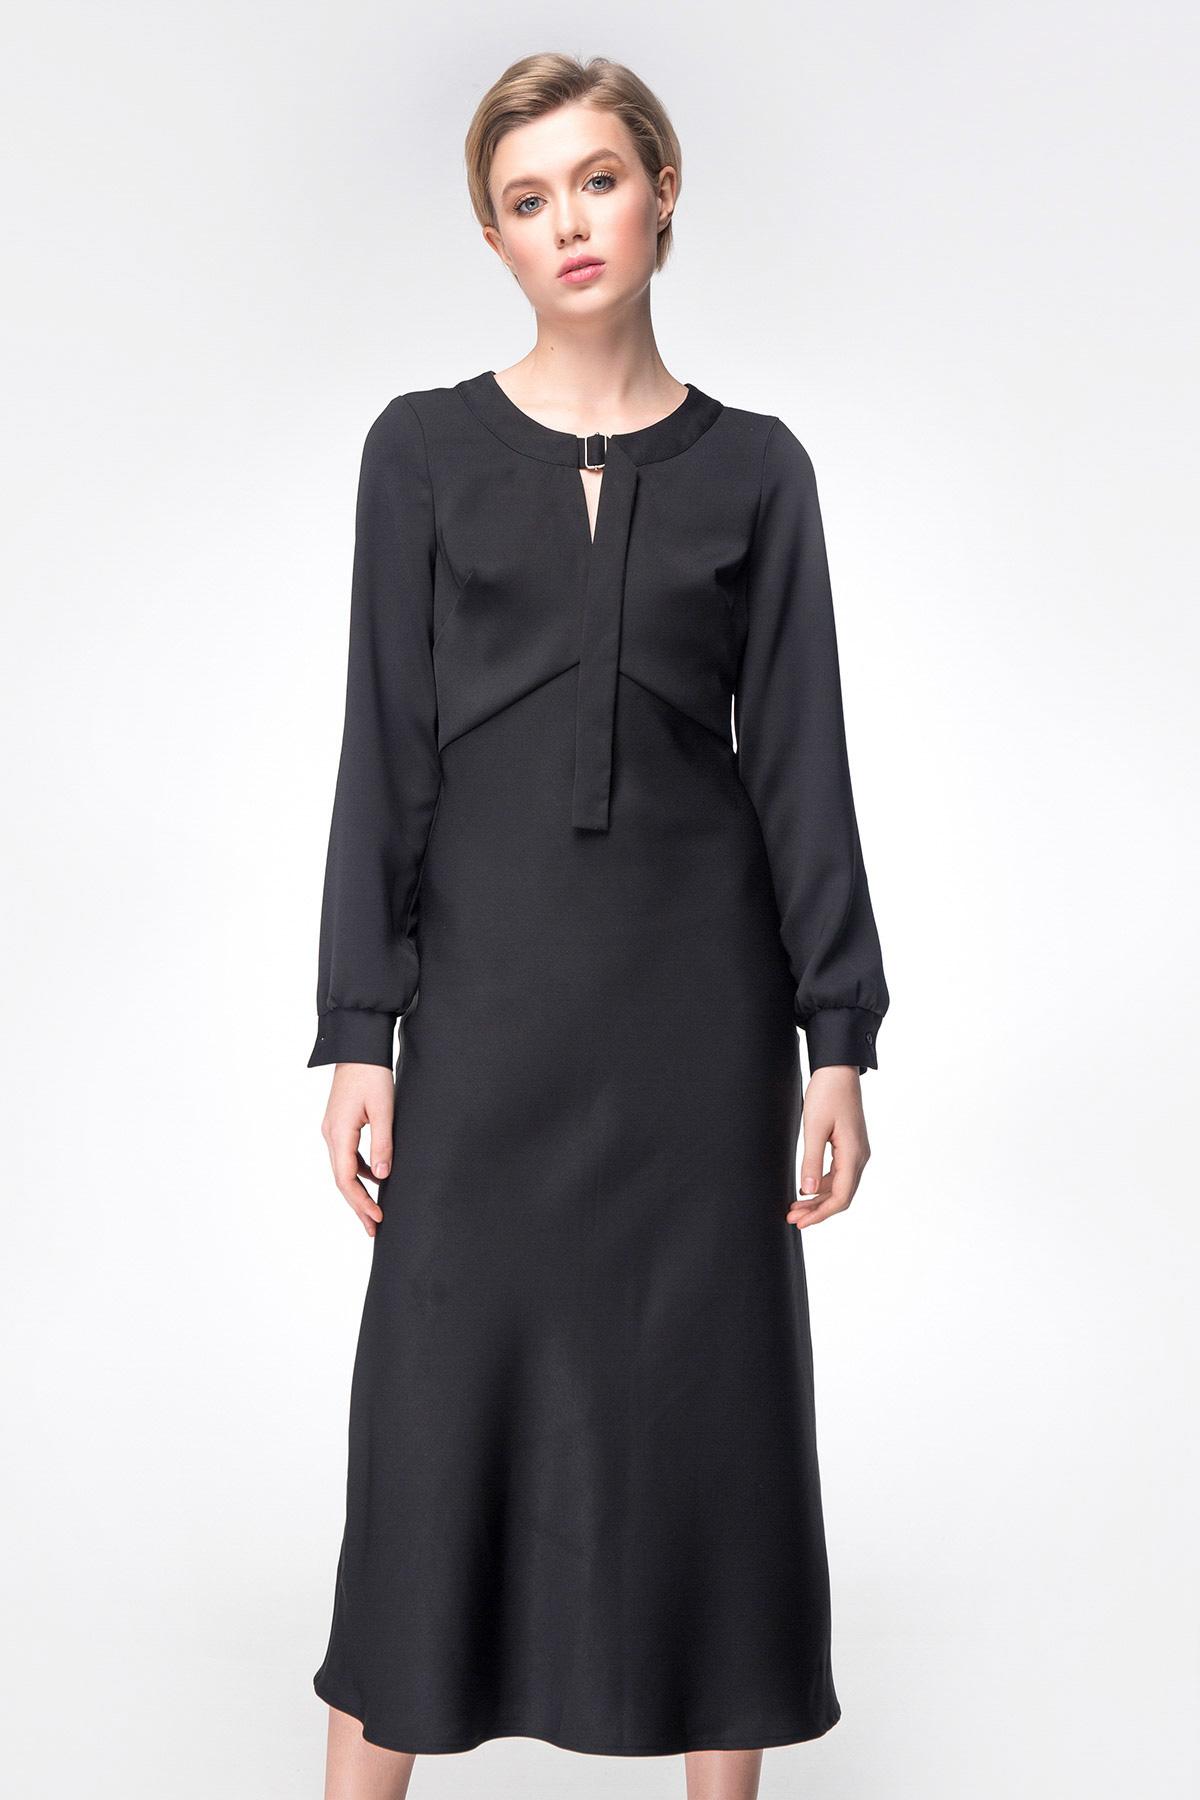 Платье женские MustHave модель 6458 купить, 2017